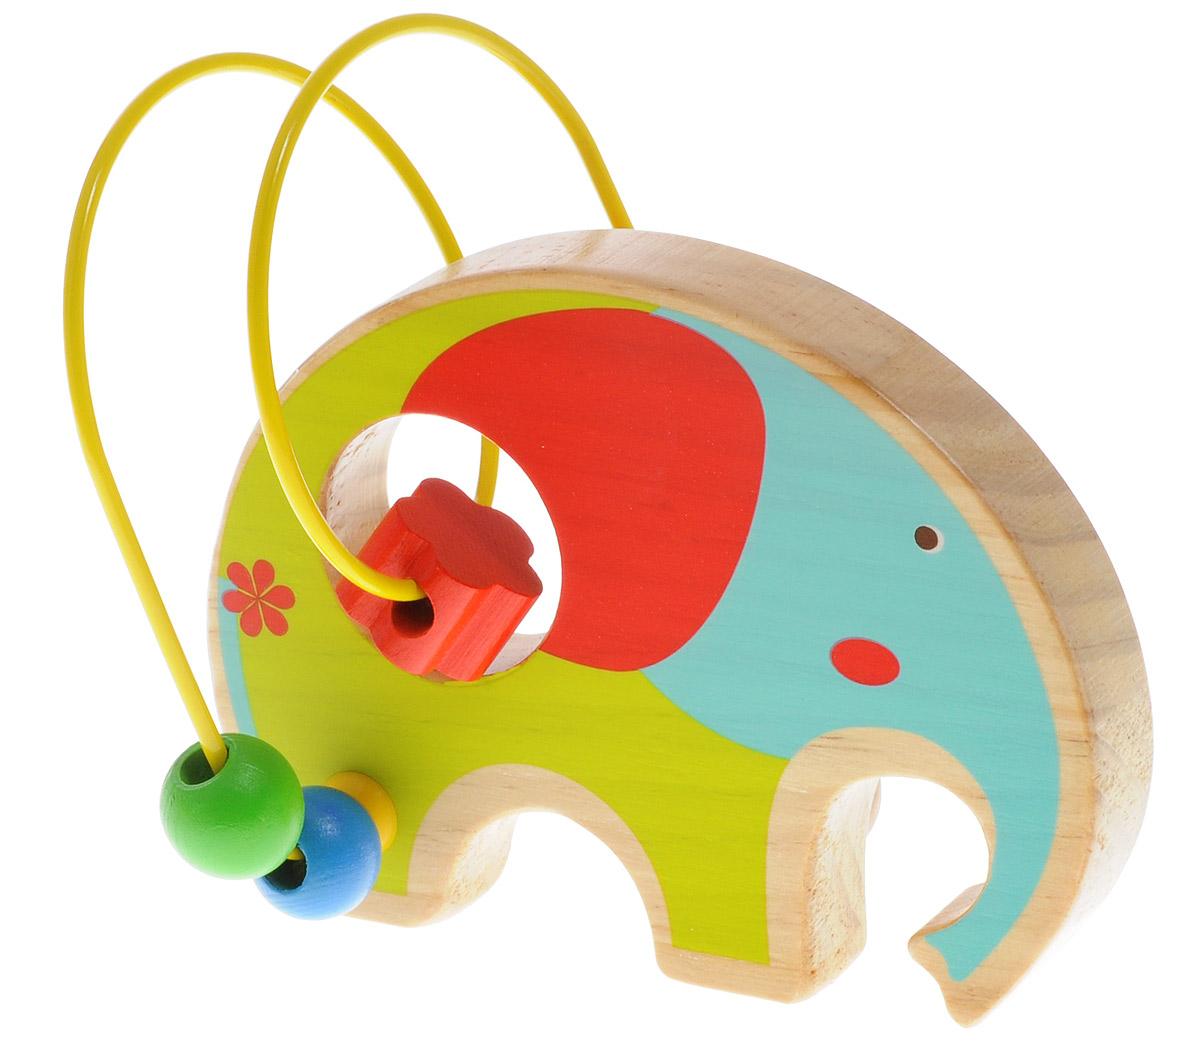 Мир деревянных игрушек Лабиринт Слон игрушка мир деревянных игрушек лабиринт каталка слон д368